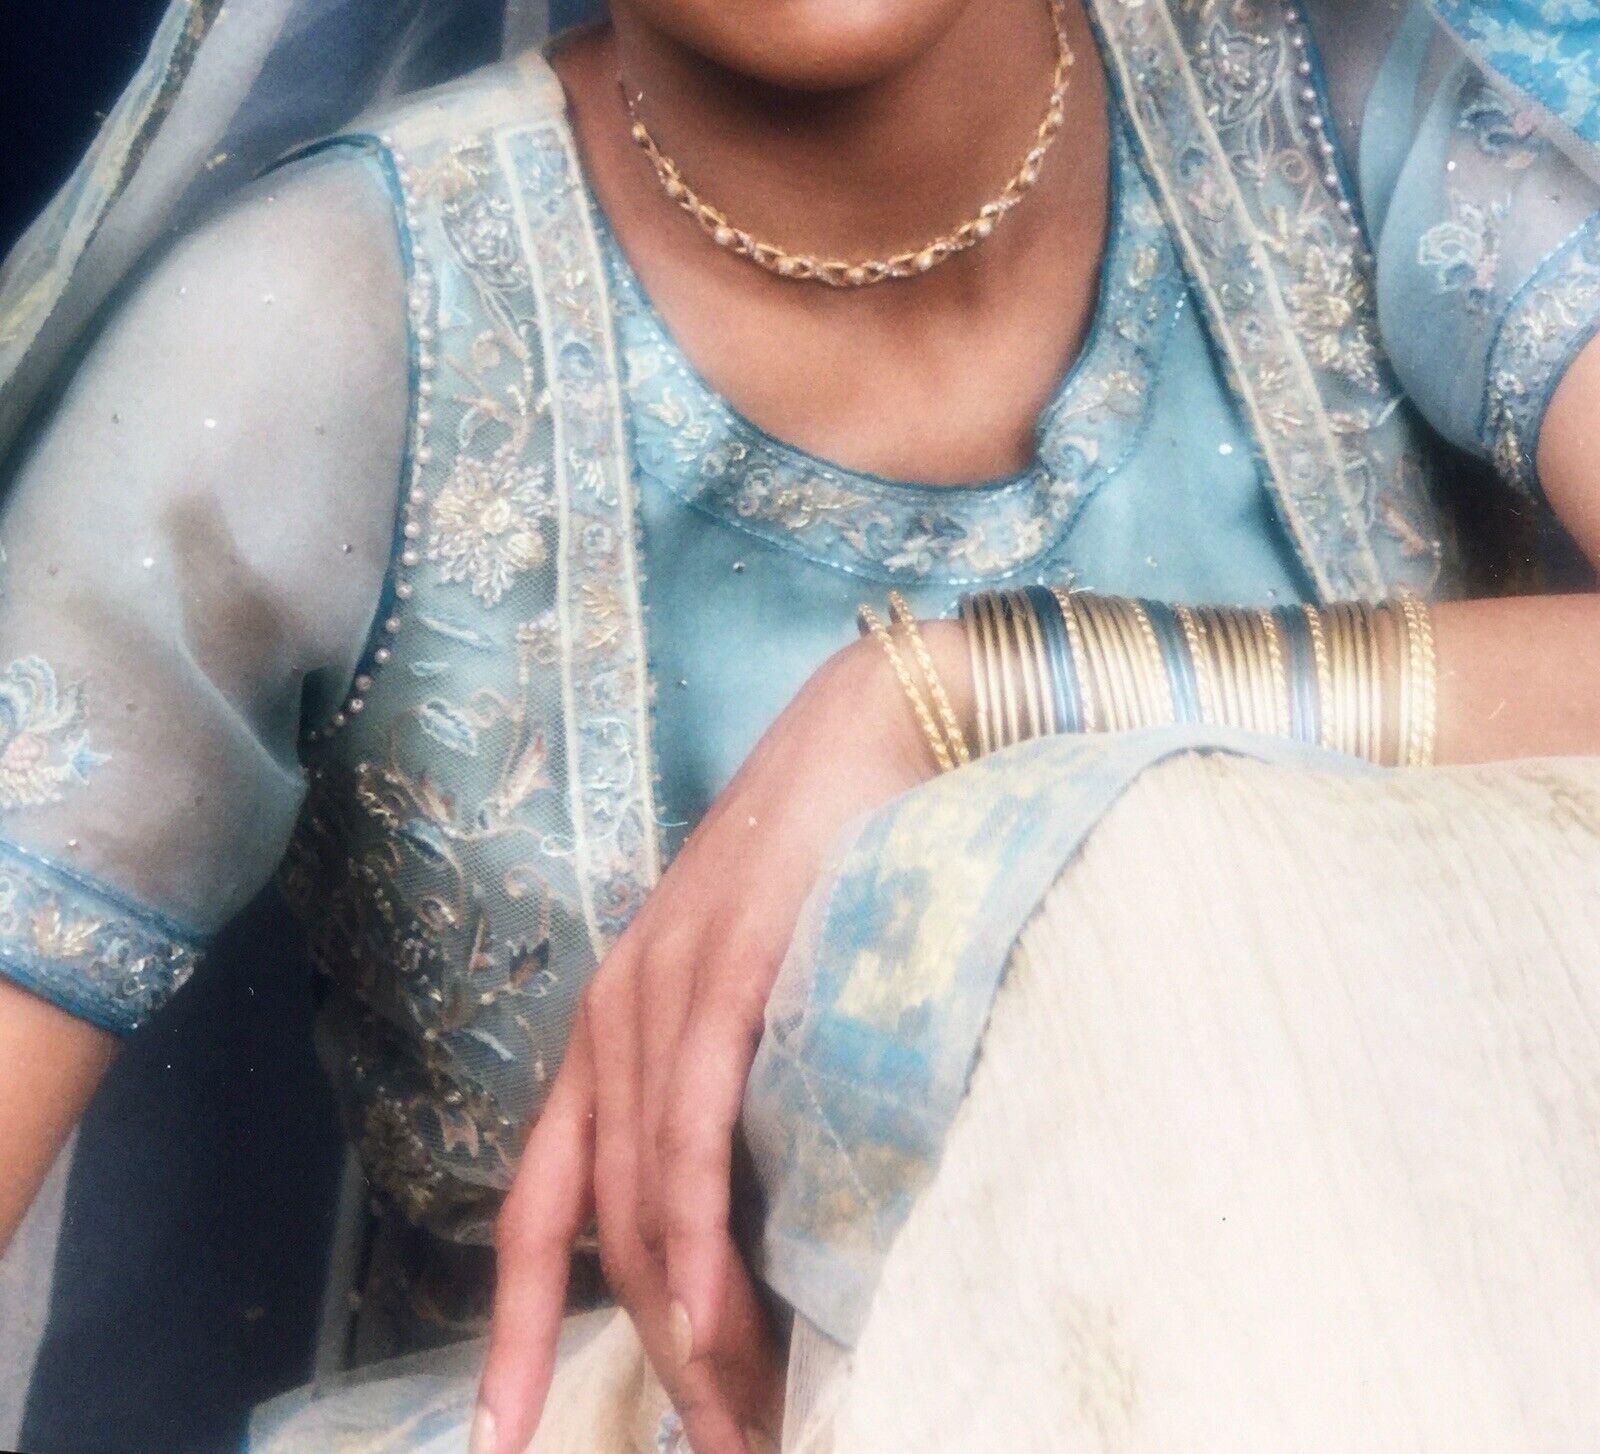 Compromiso de  estilo Pakistaní Indio Stun angarkha desgaste del partido vestido lehnga  descuento de ventas